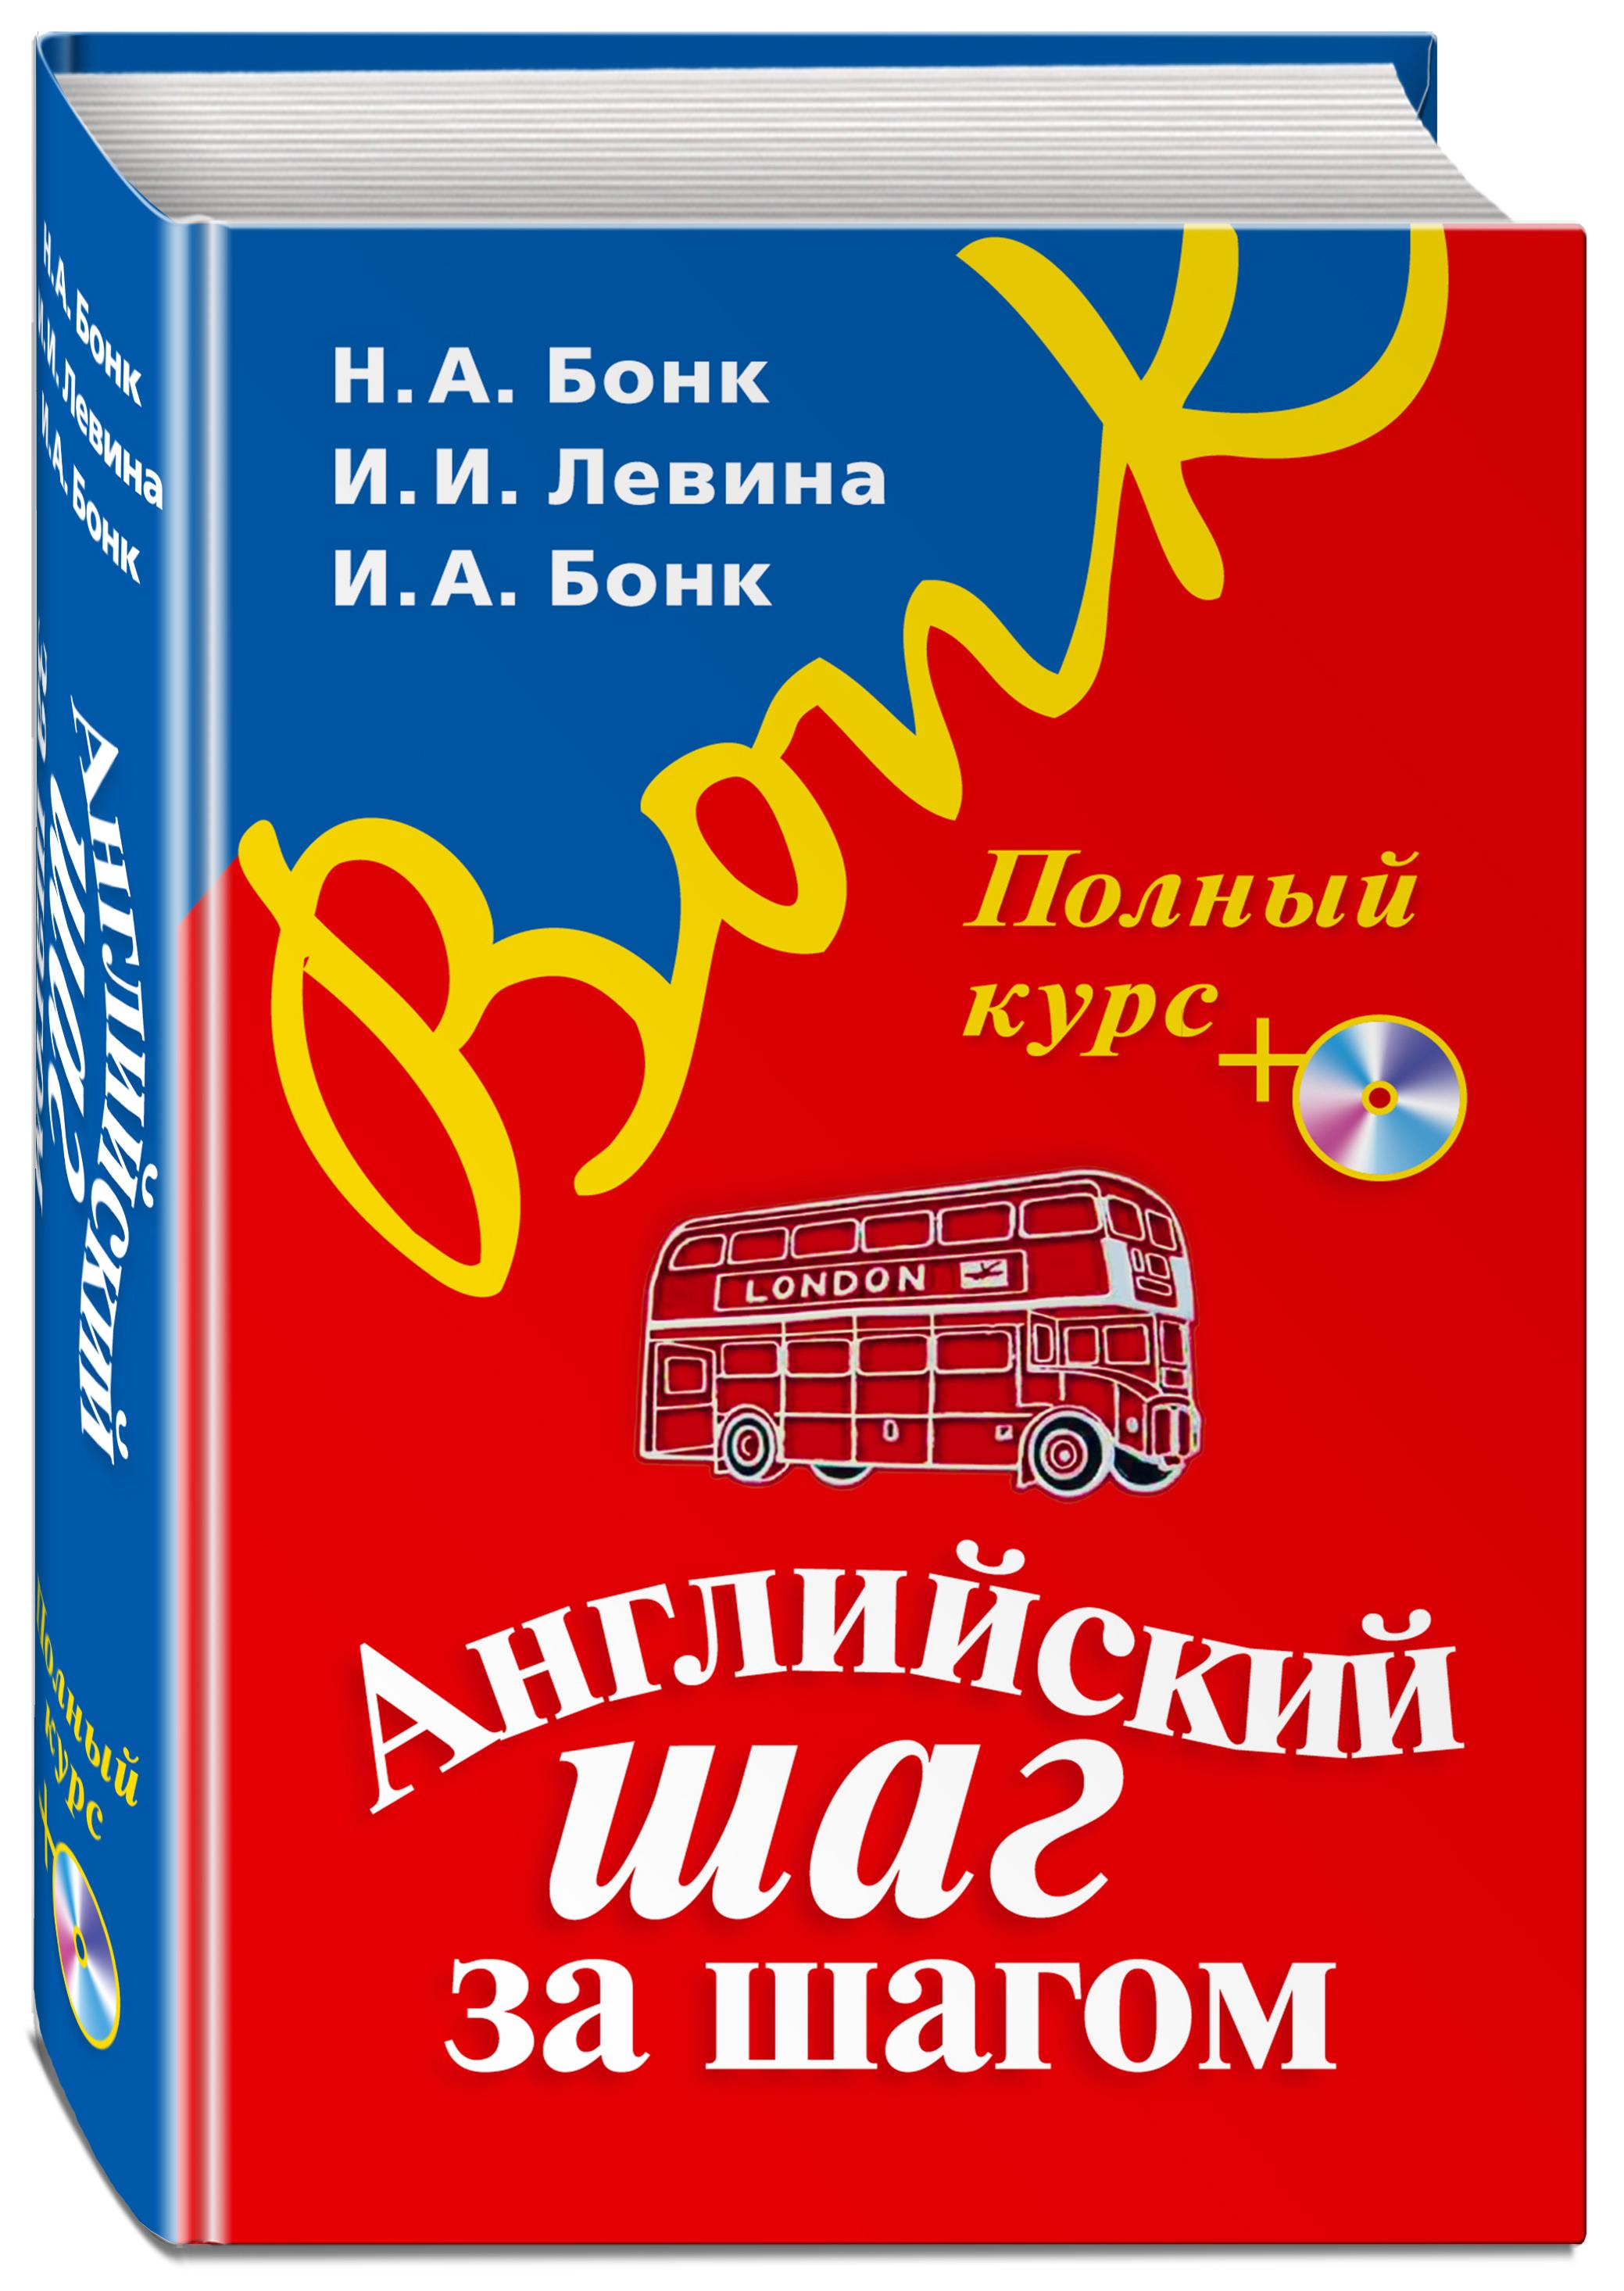 Н.А. Бонк, И.И. Левина, И.А. Бонк Английский шаг за шагом. Полный курс (+ компакт-диск MP3) (оформление 1)